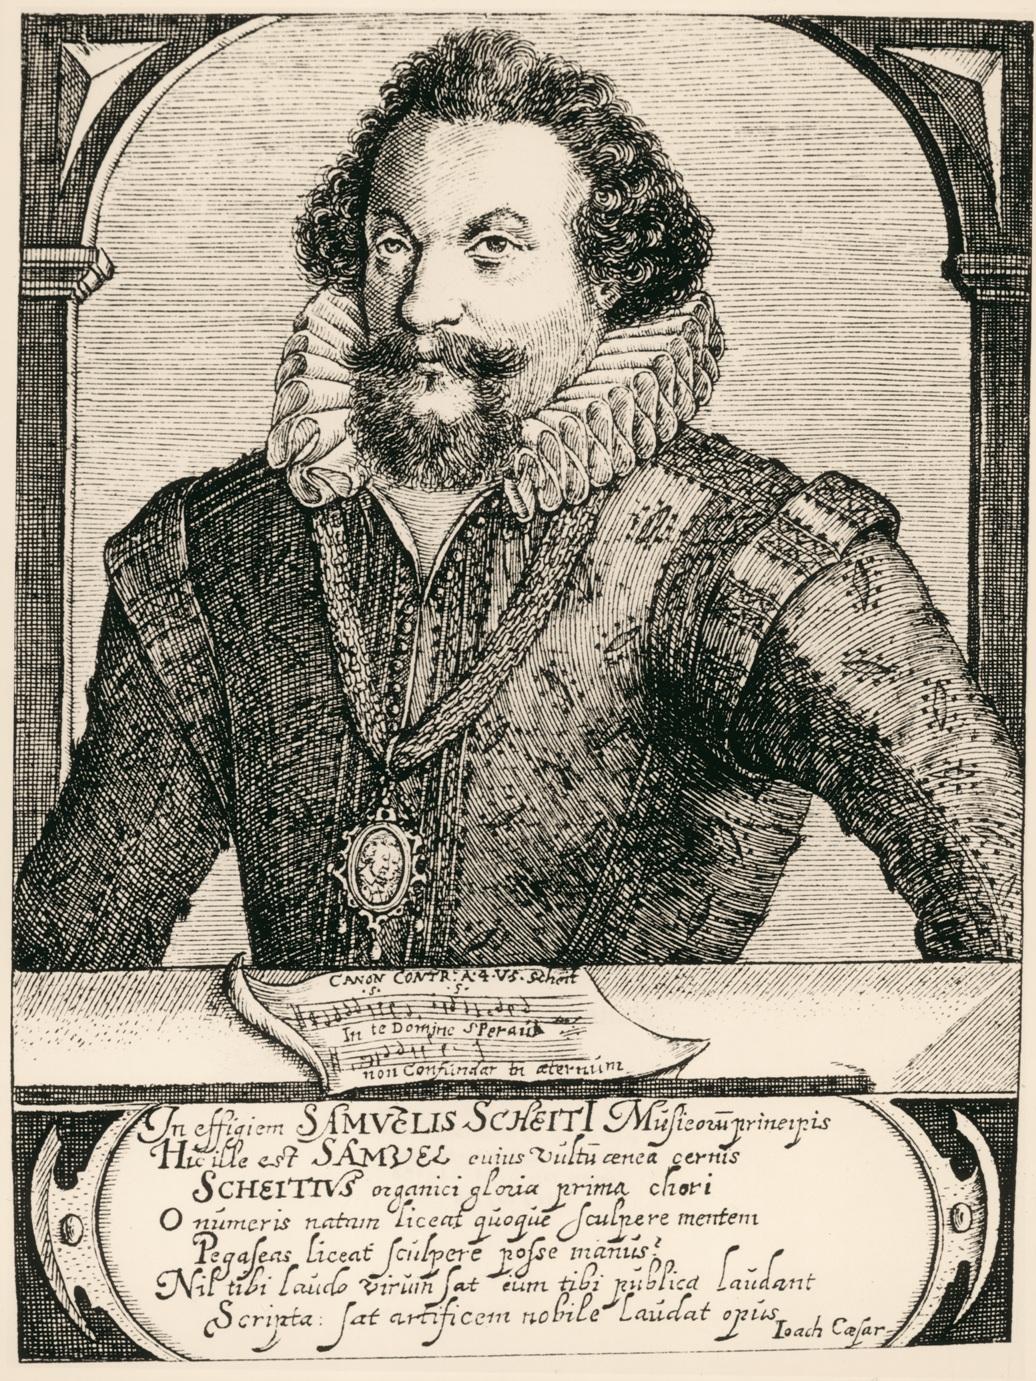 Samuel Scheidt  Wikipedia